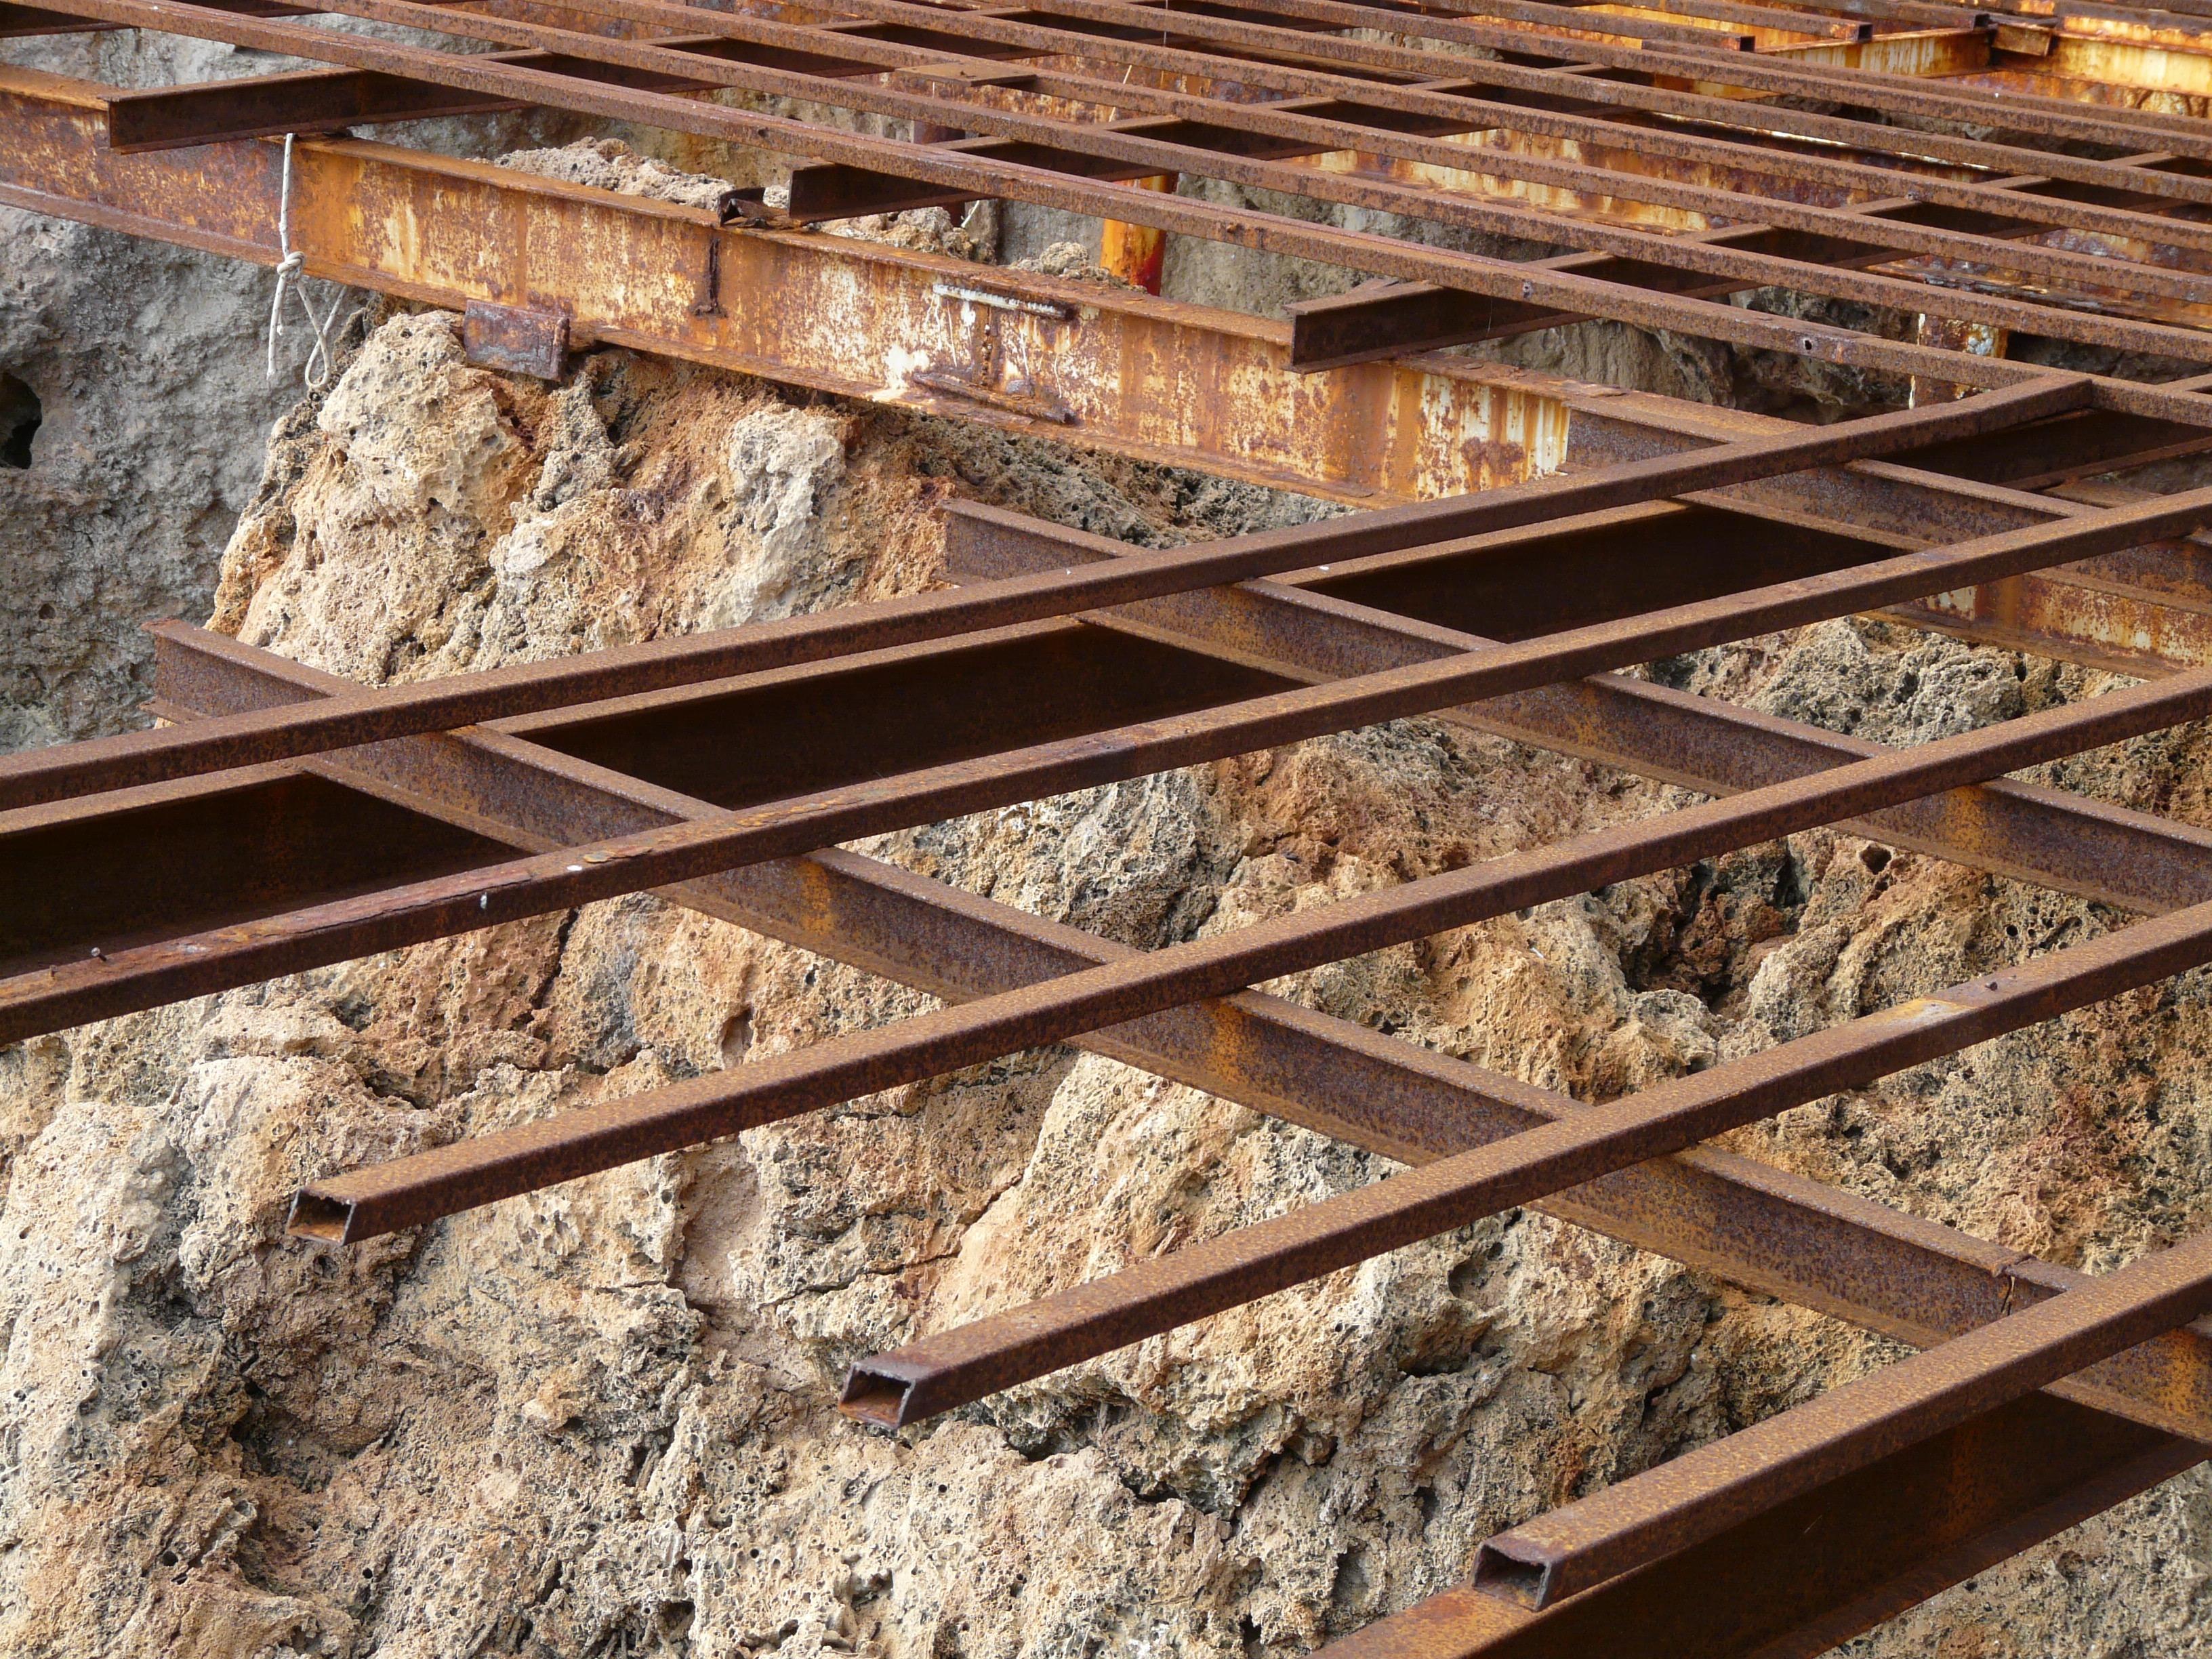 Free images wood track floor old beam metal lumber